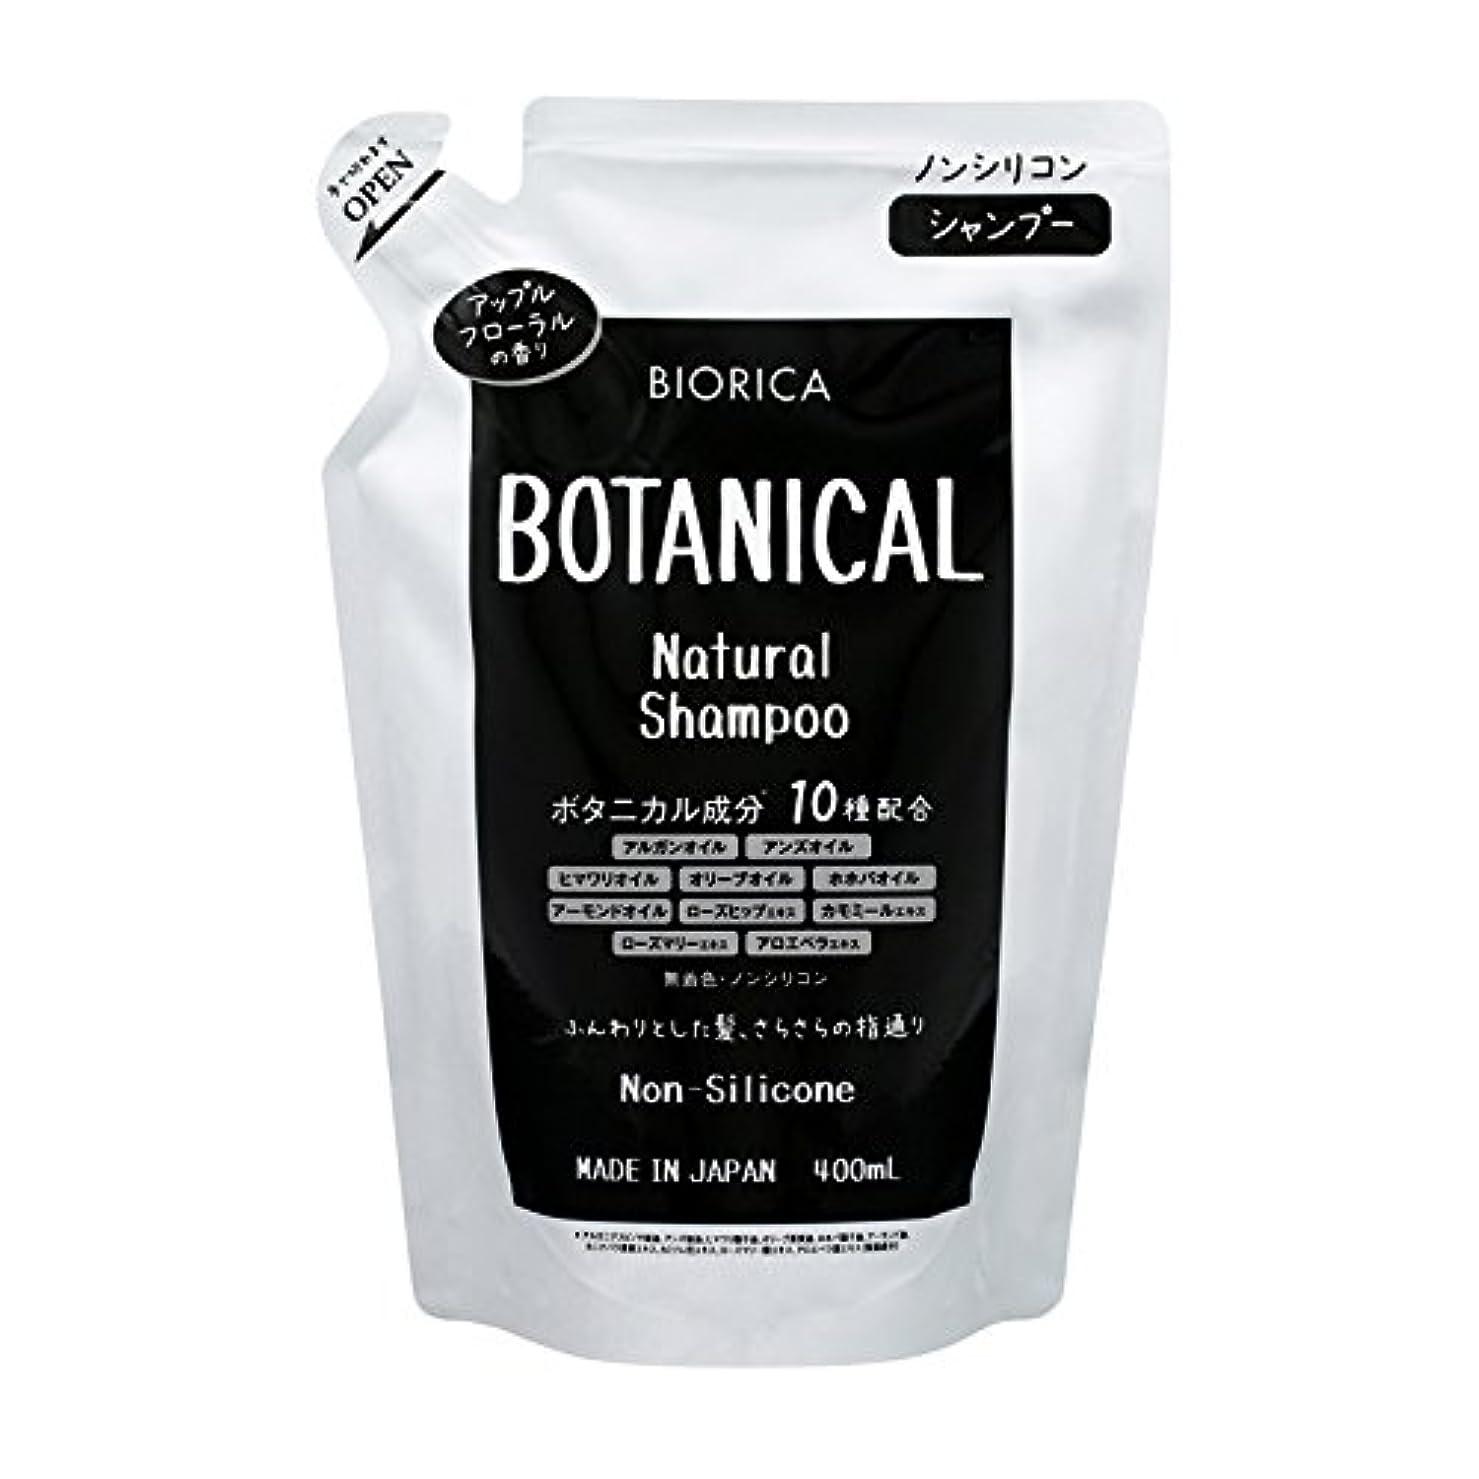 学生発音回復するBIORICA ビオリカ ボタニカル ノンシリコン シャンプー 詰め替え アップルフローラルの香り 400ml 日本製